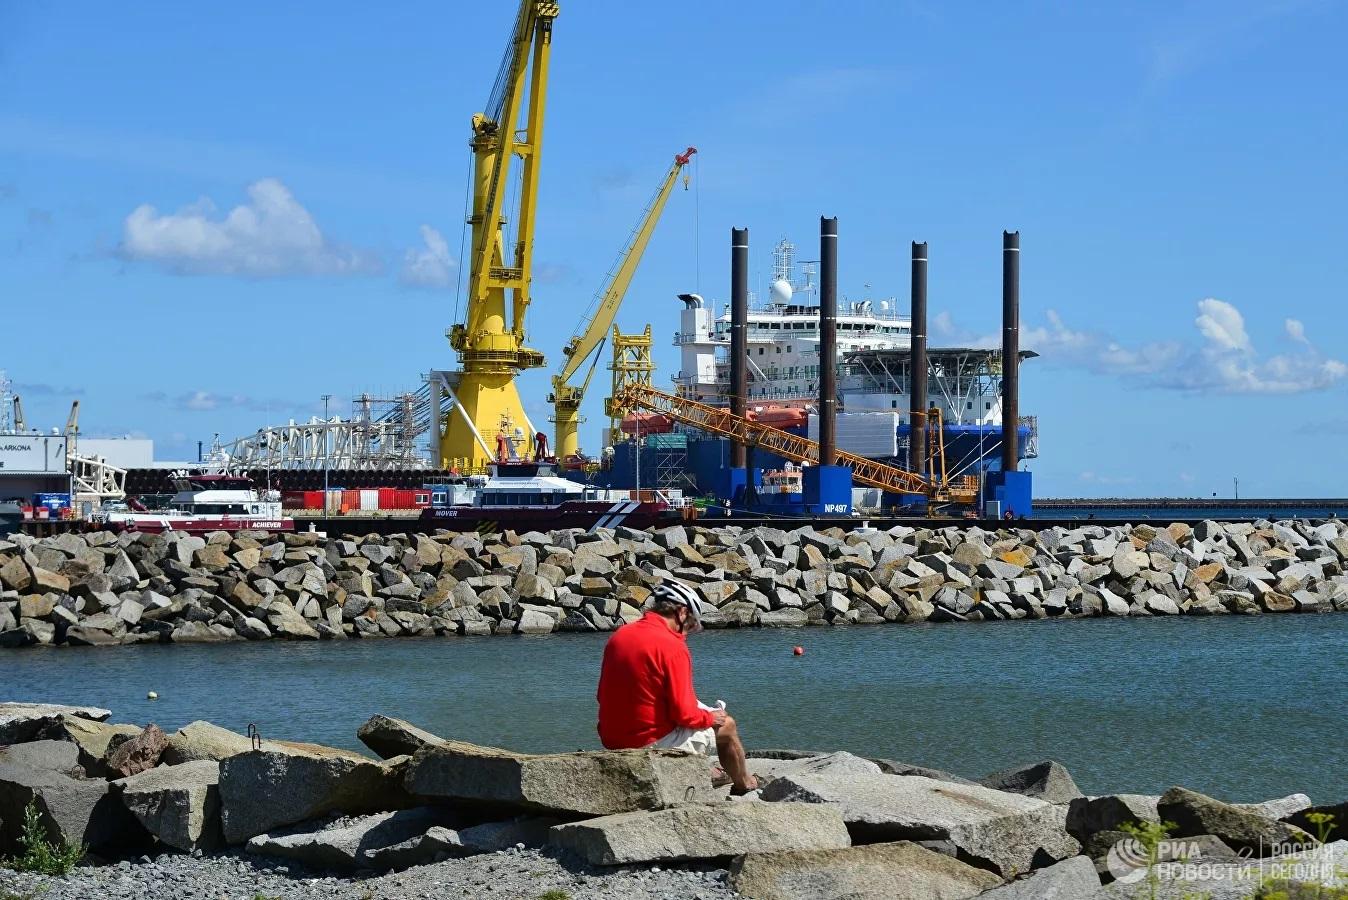 Cơ quan Năng lượng Đan Mạch bày tỏ quan điểm về Nord Stream 2